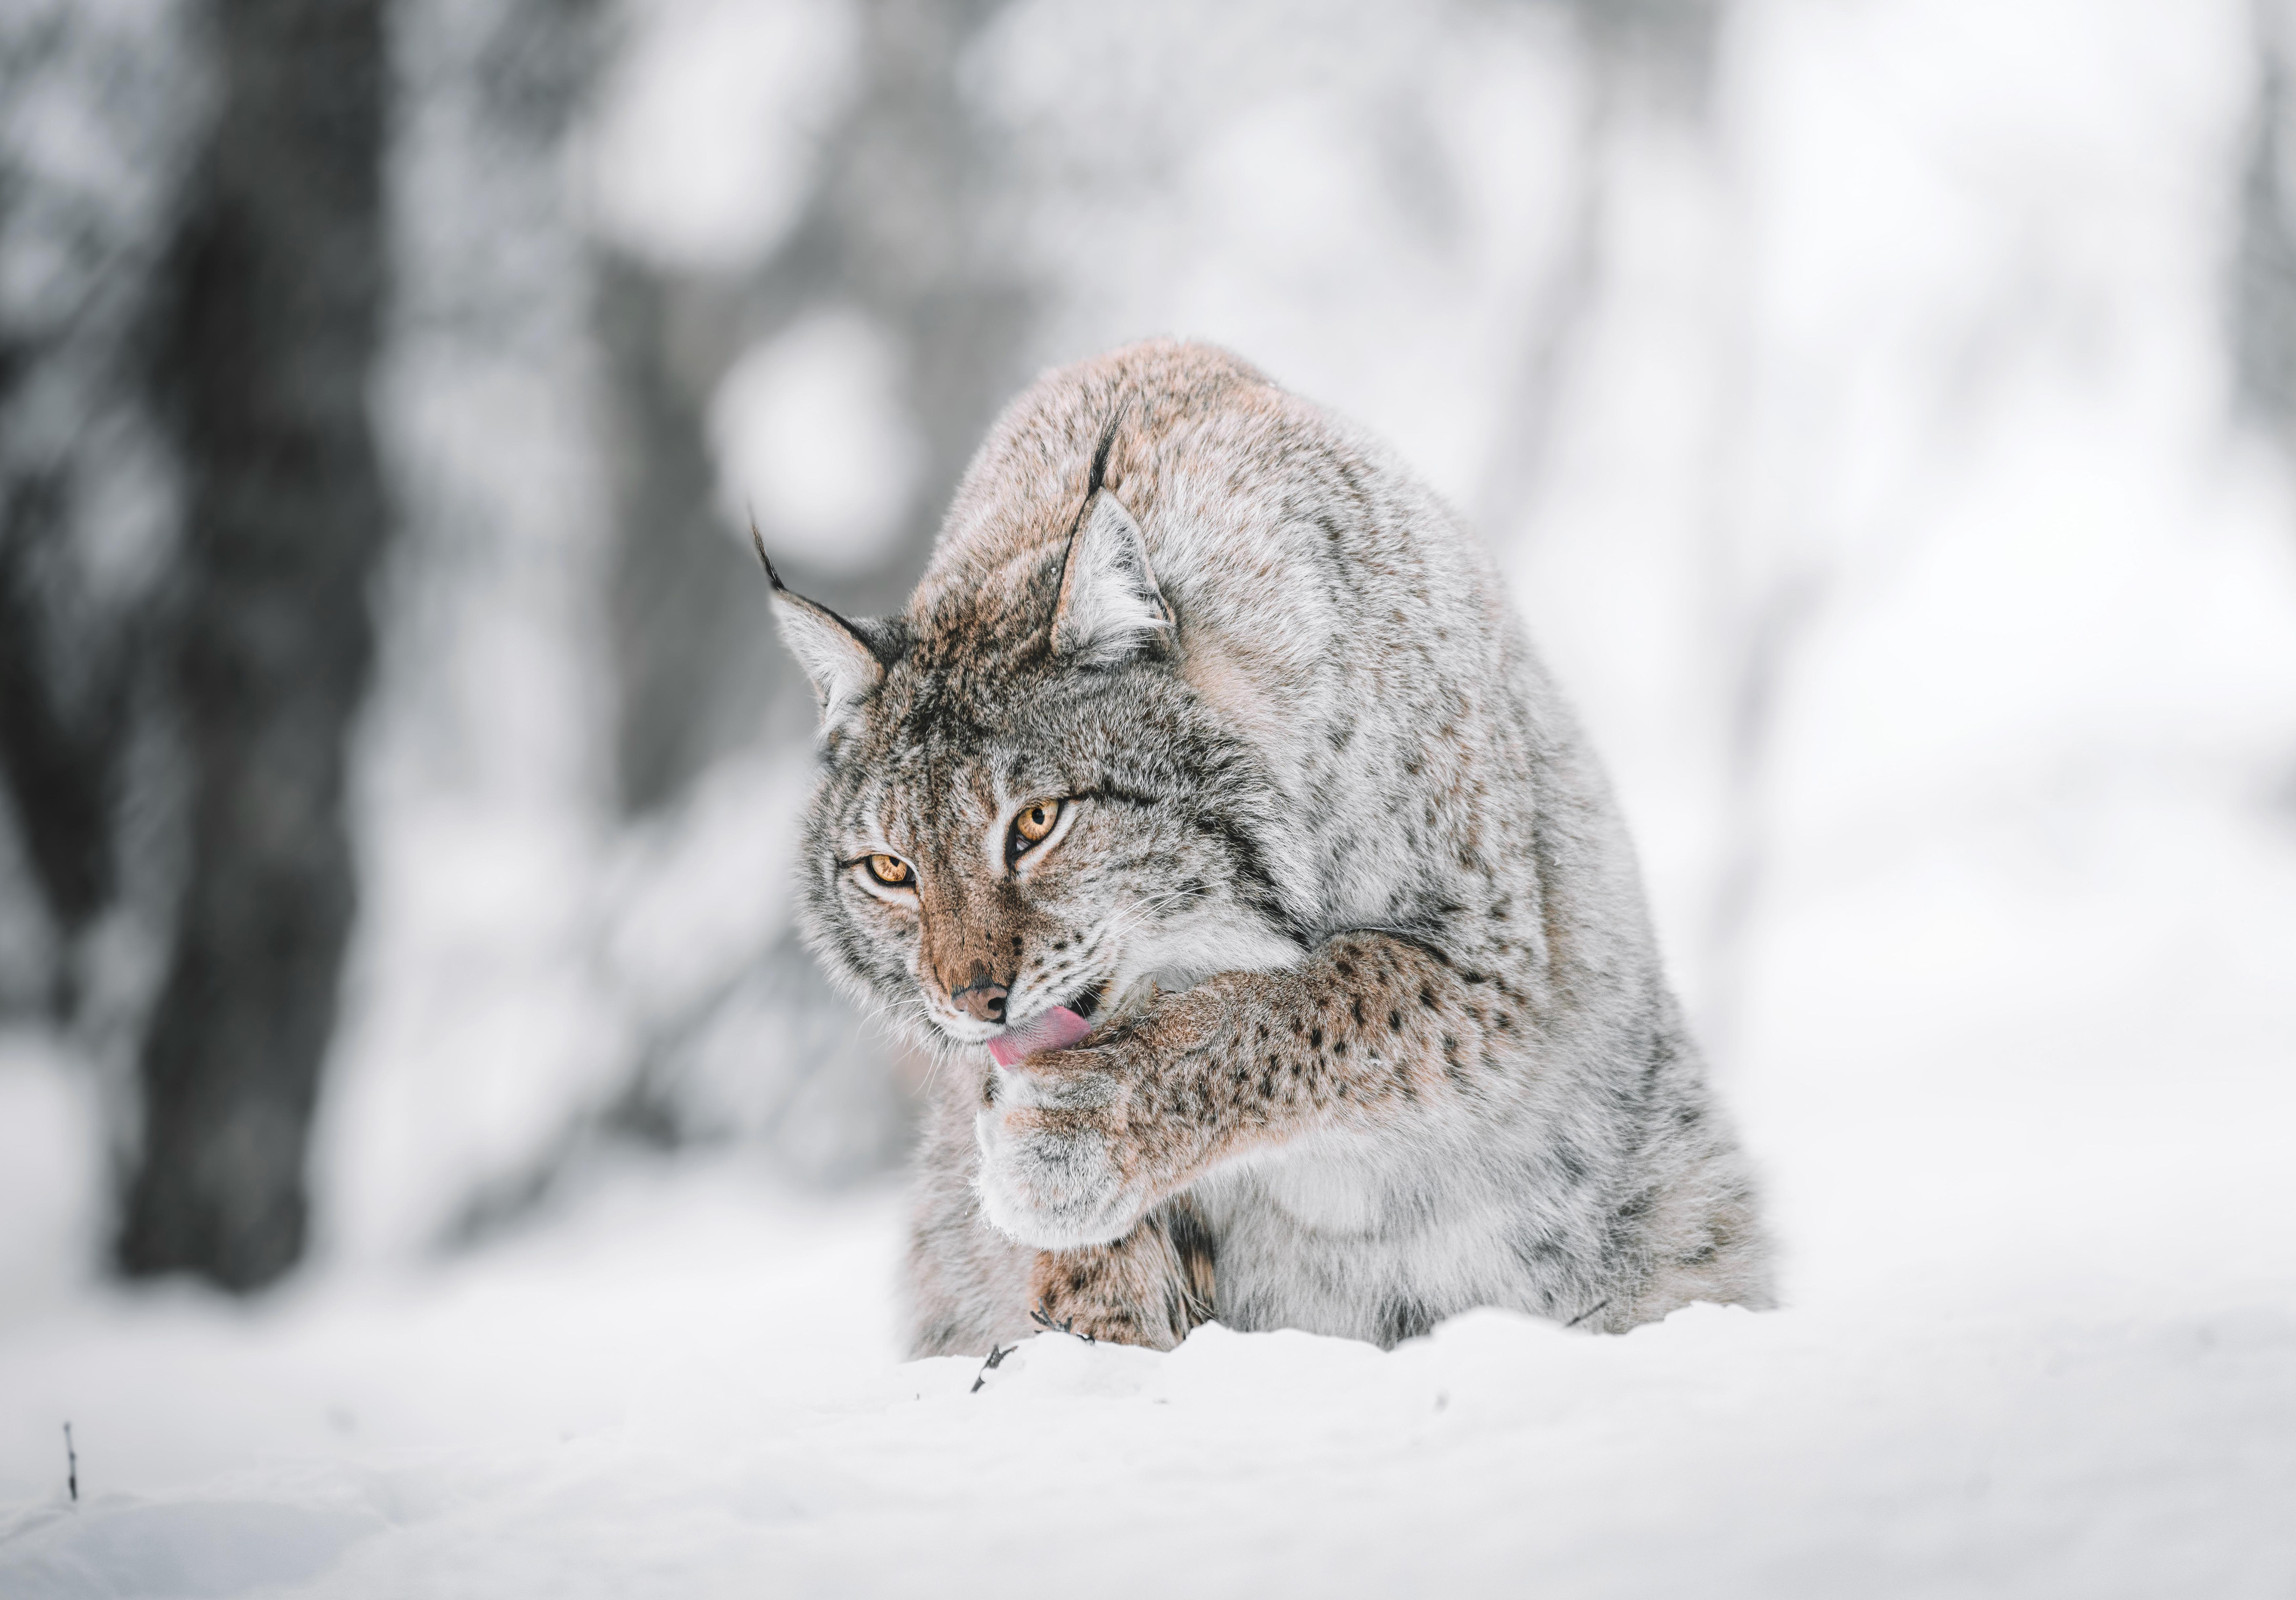 152758 скачать обои Животные, Ирис, Большая Кошка, Высунутый Язык, Снег, Дикая Природа - заставки и картинки бесплатно